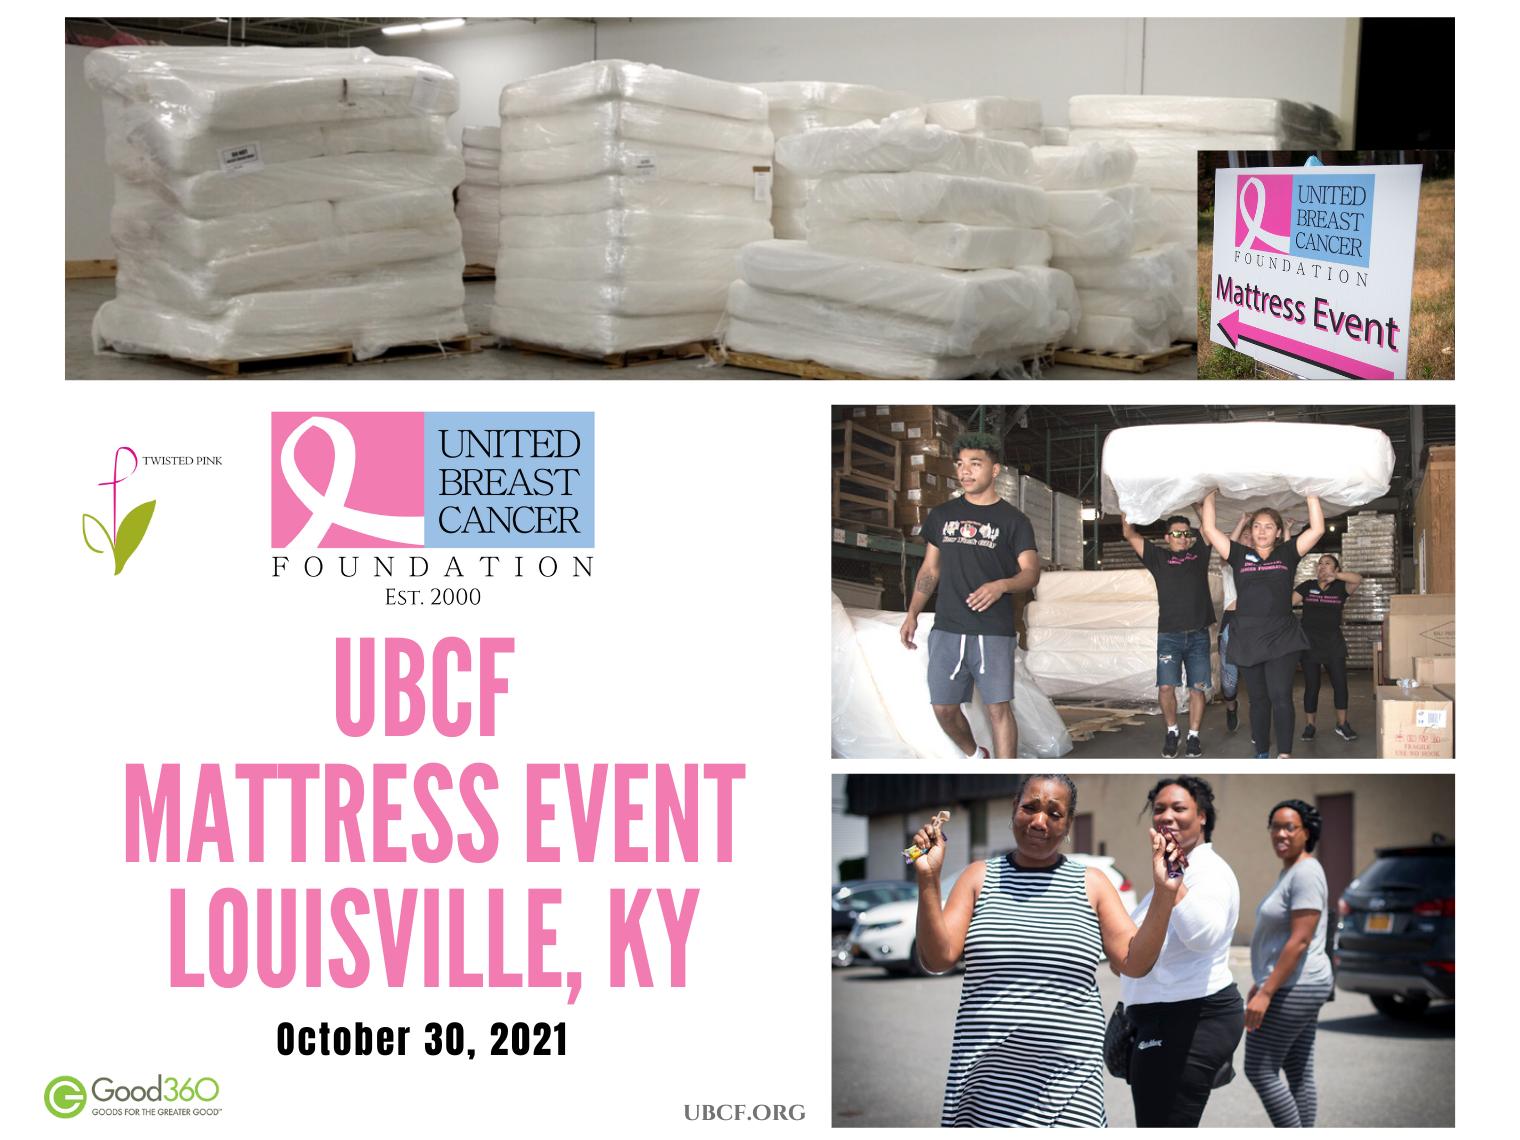 UBCF Louisville KY Mattress Event 2021